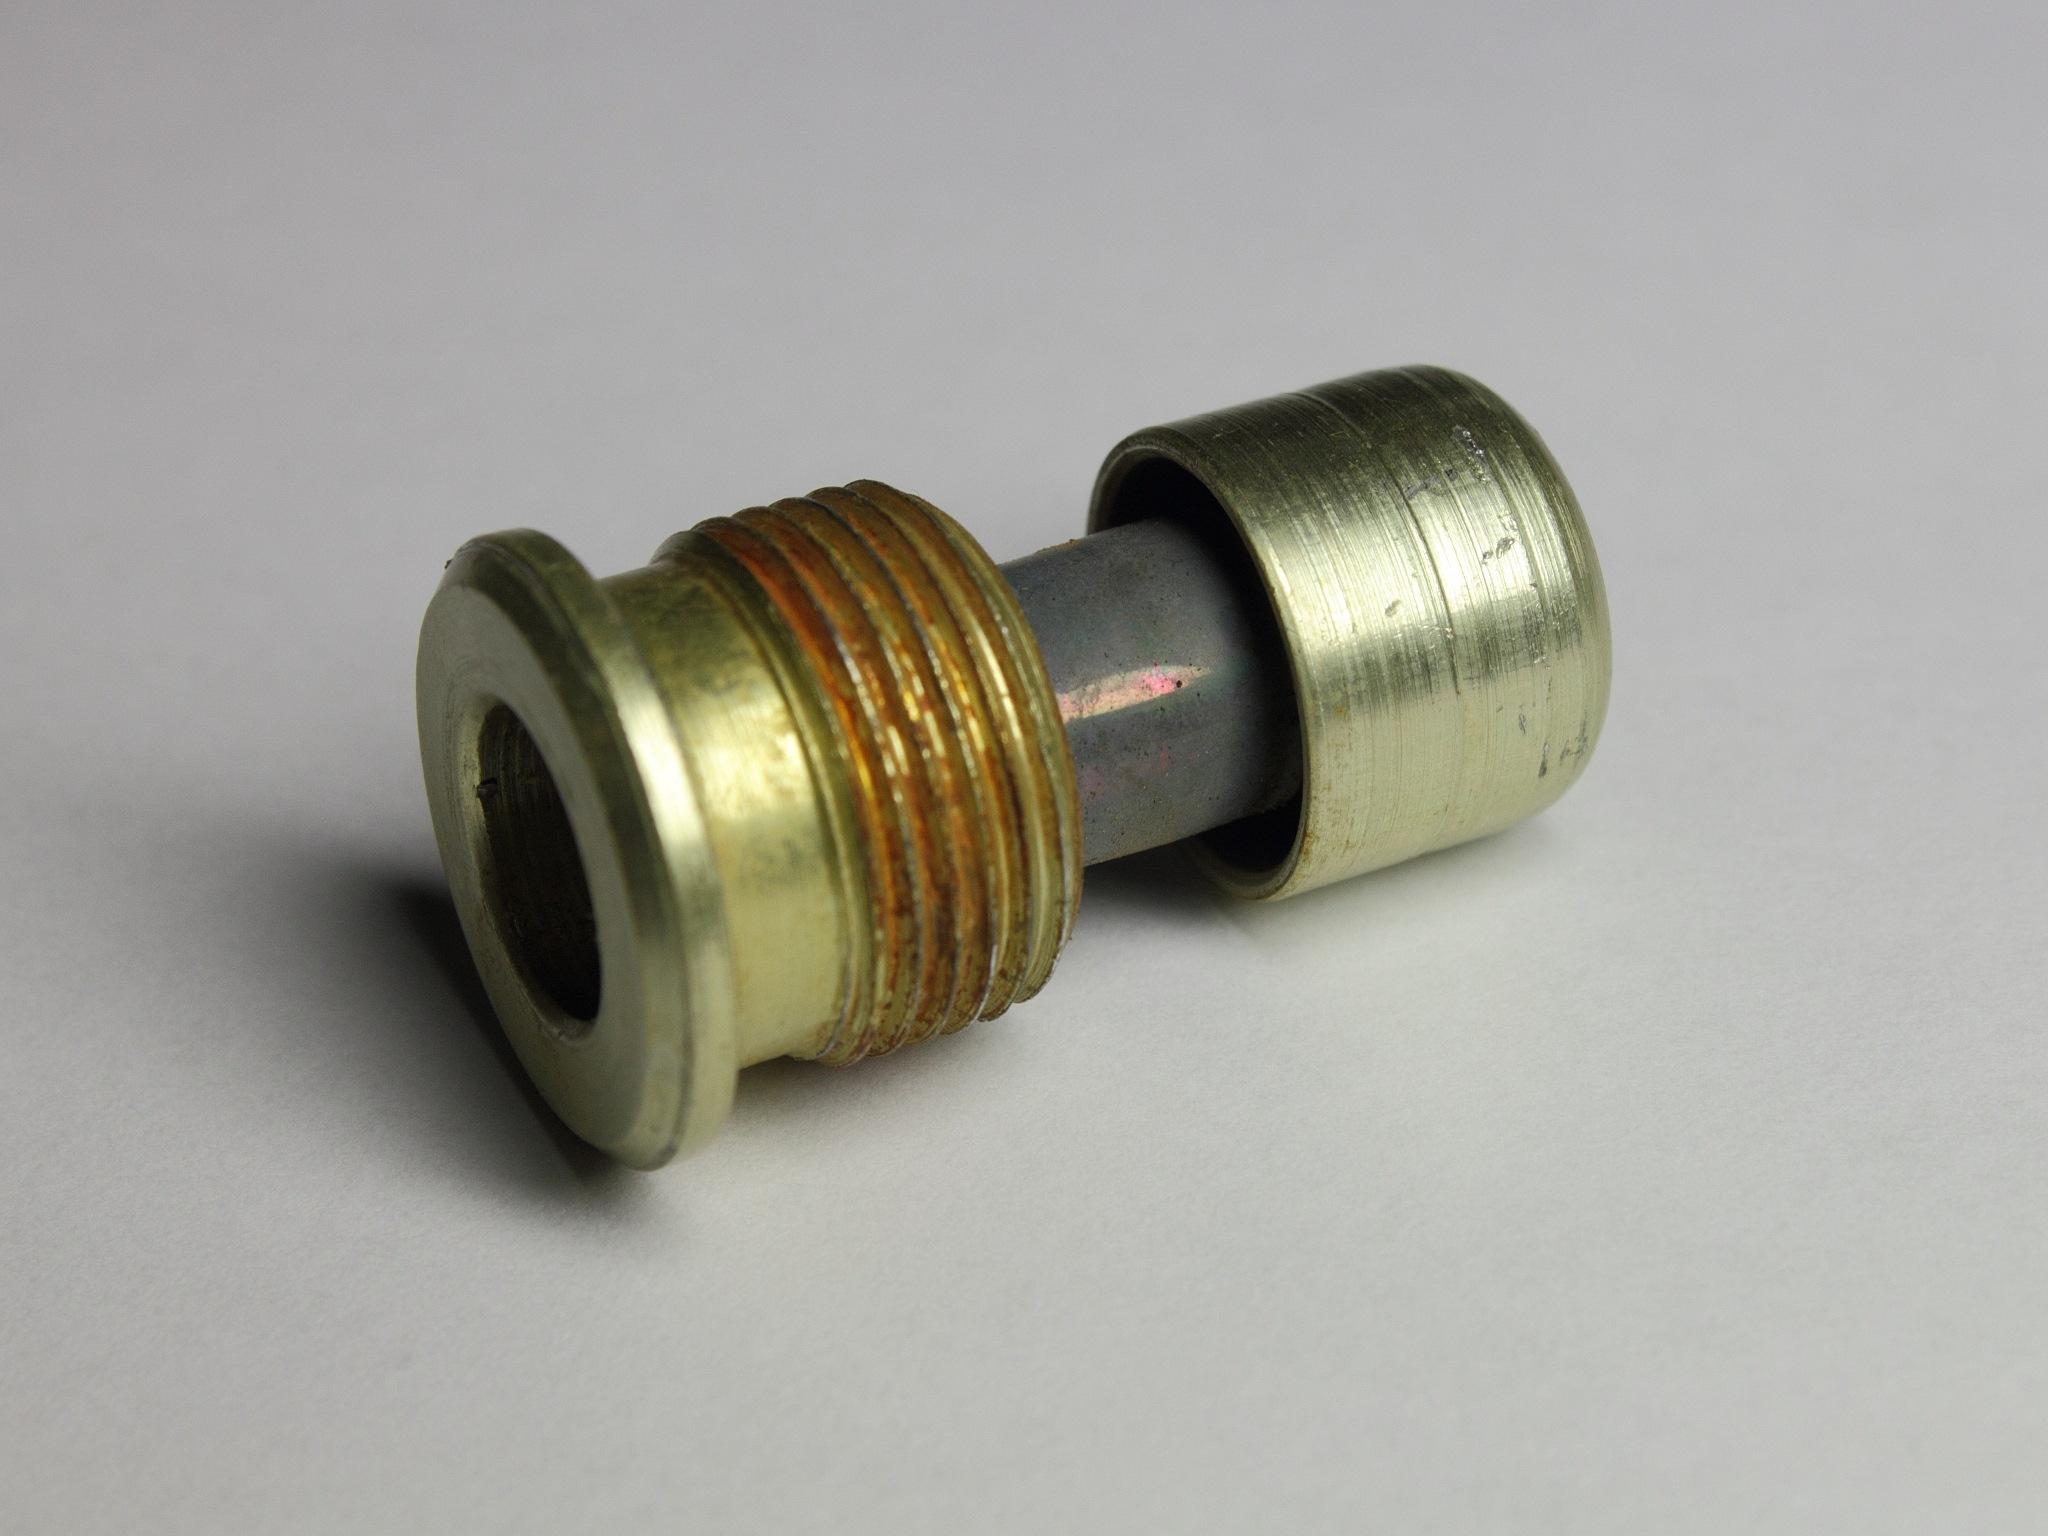 Плутониевый источник из датчика дыма РИД-1